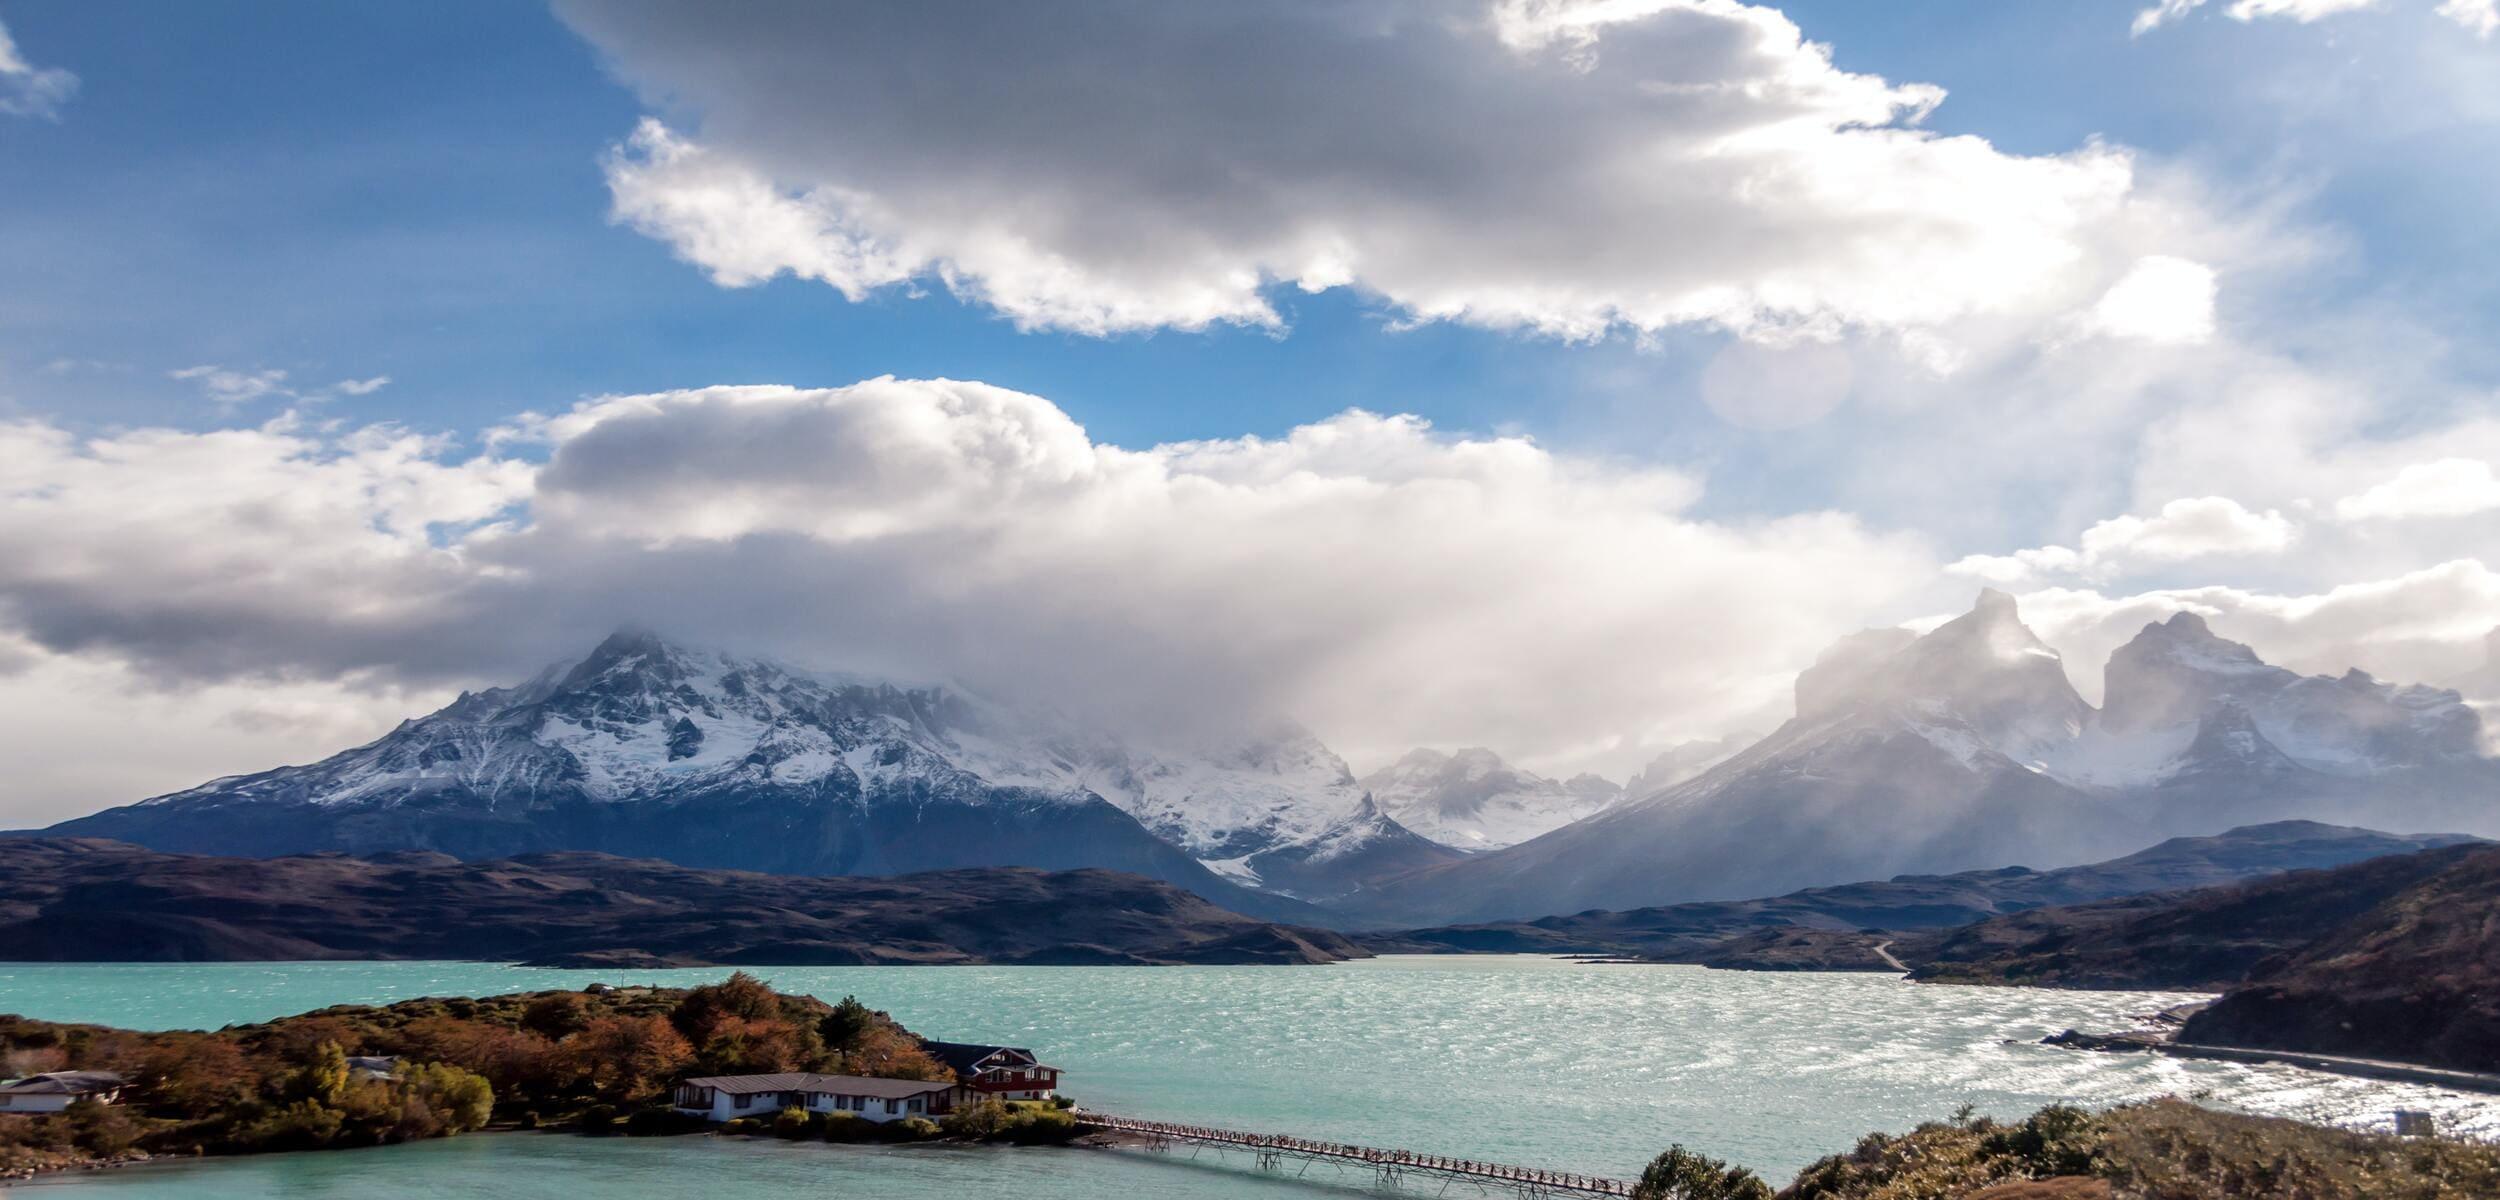 Viajar a la Patagonia Chilena durante y después del COVID-19